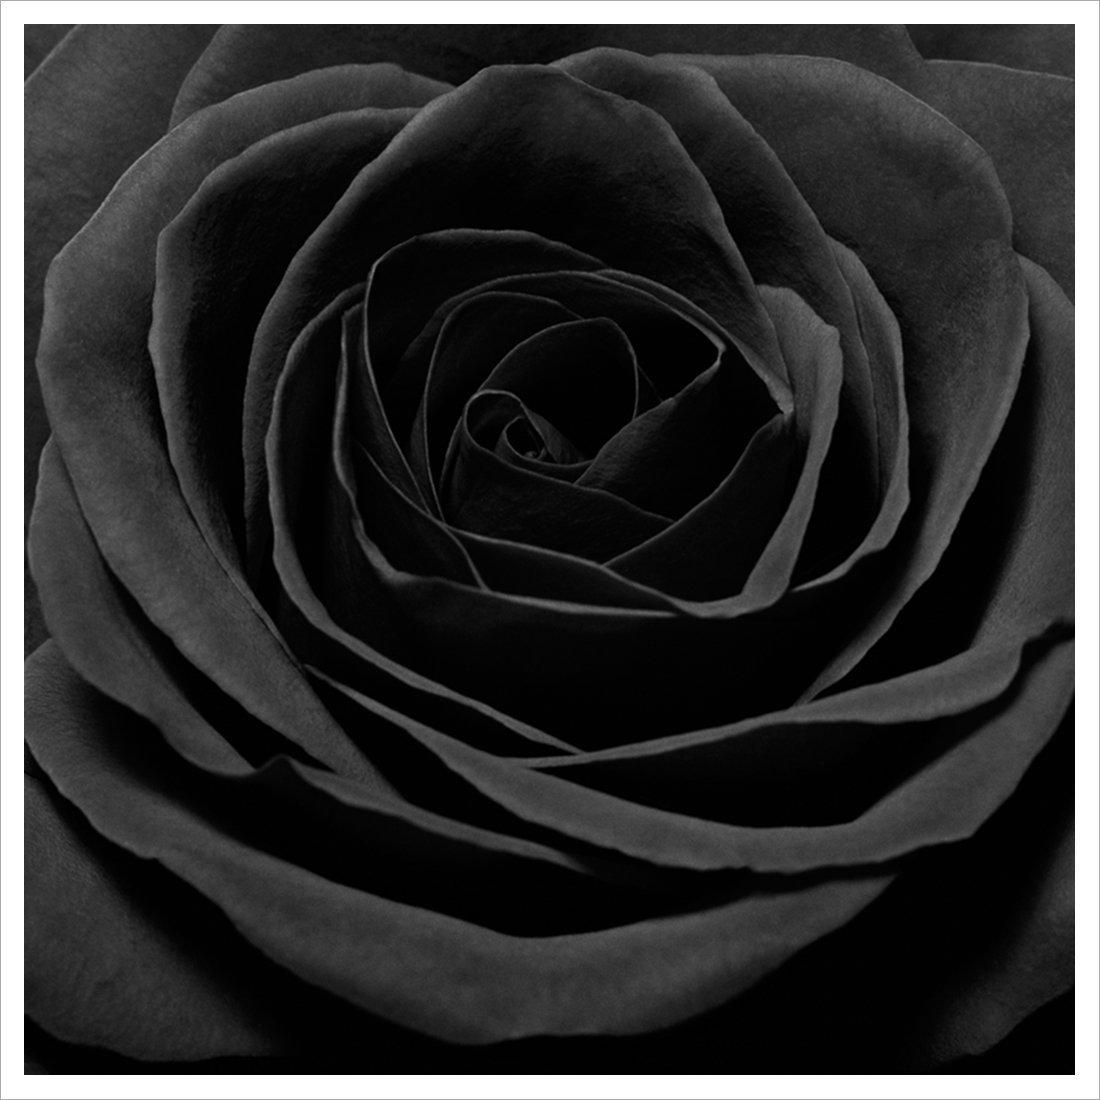 007_Rose_11X11_1_lr.jpg